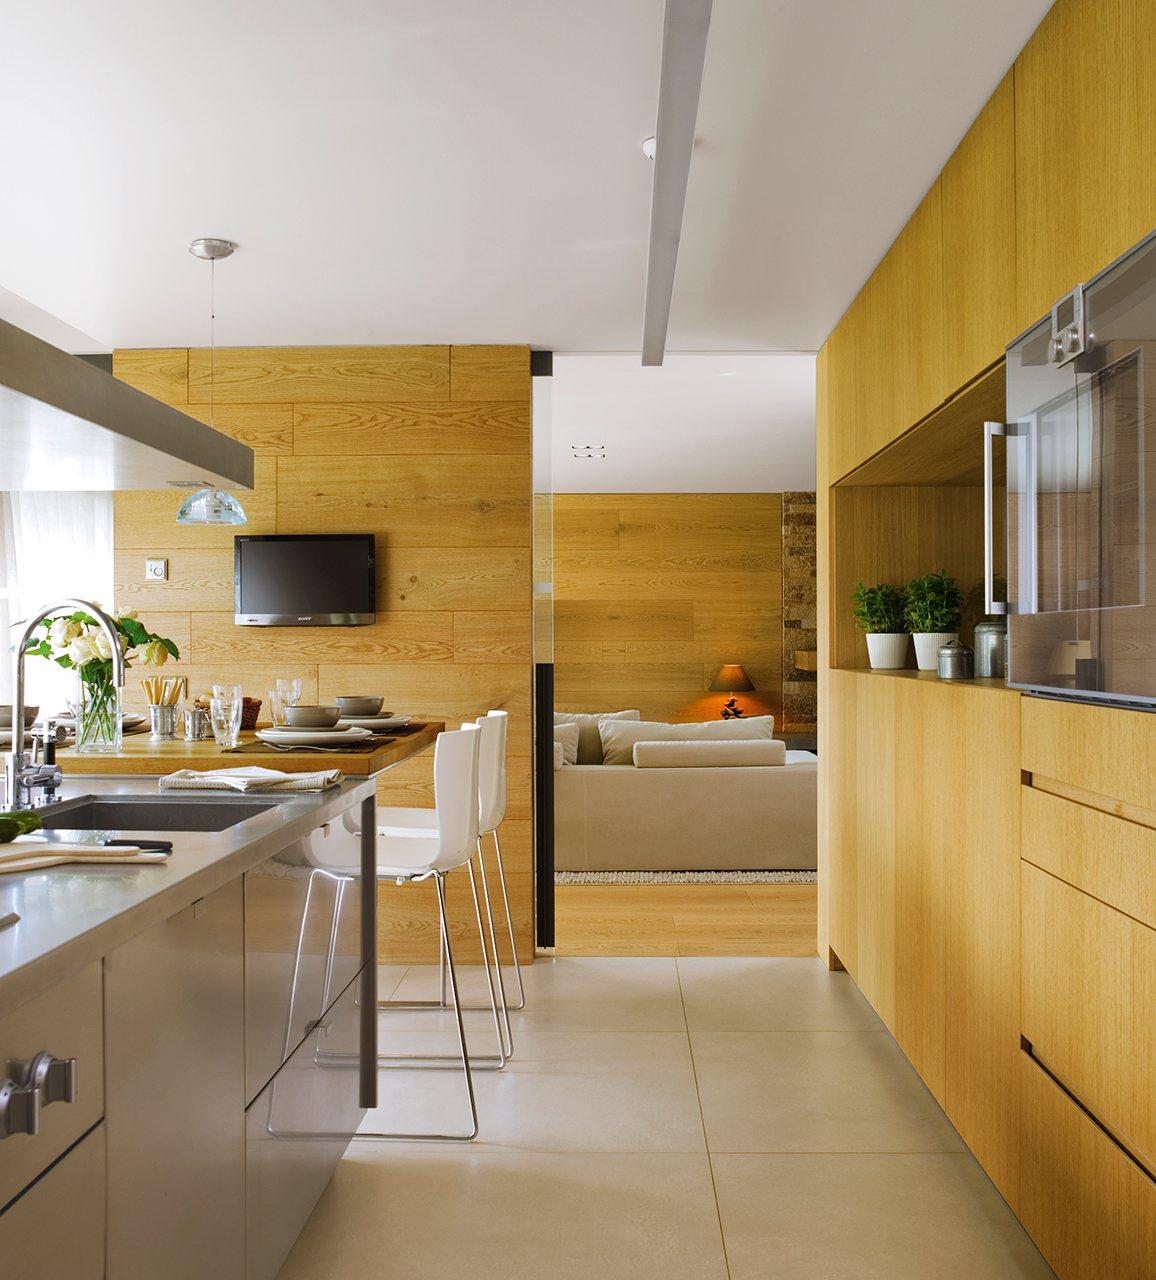 Una cocina mirador de roble for Cocinas de madera de roble